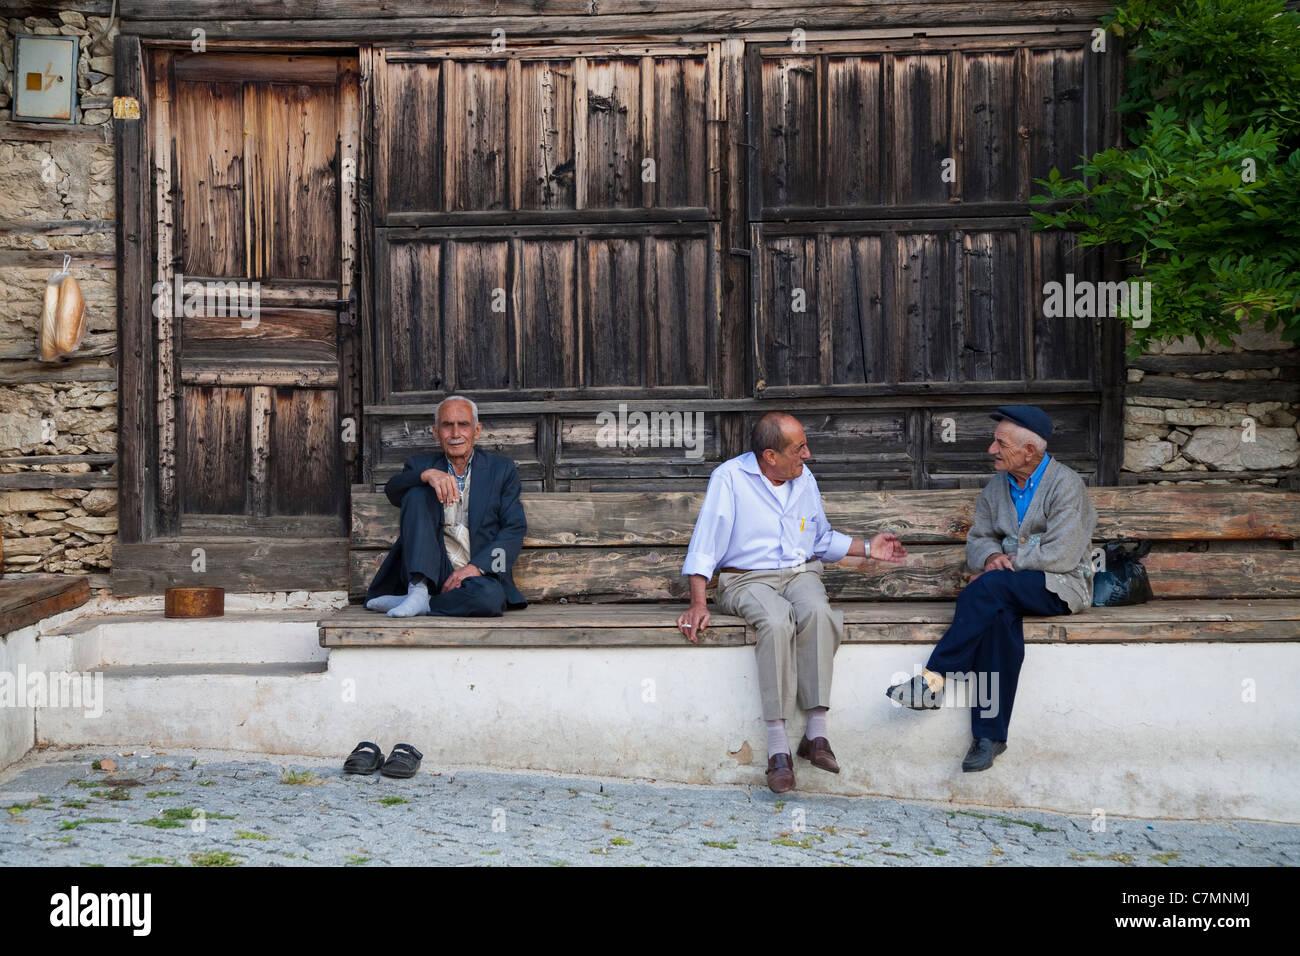 La gente local en la aldea Urunlu Antalya Turquía Imagen De Stock